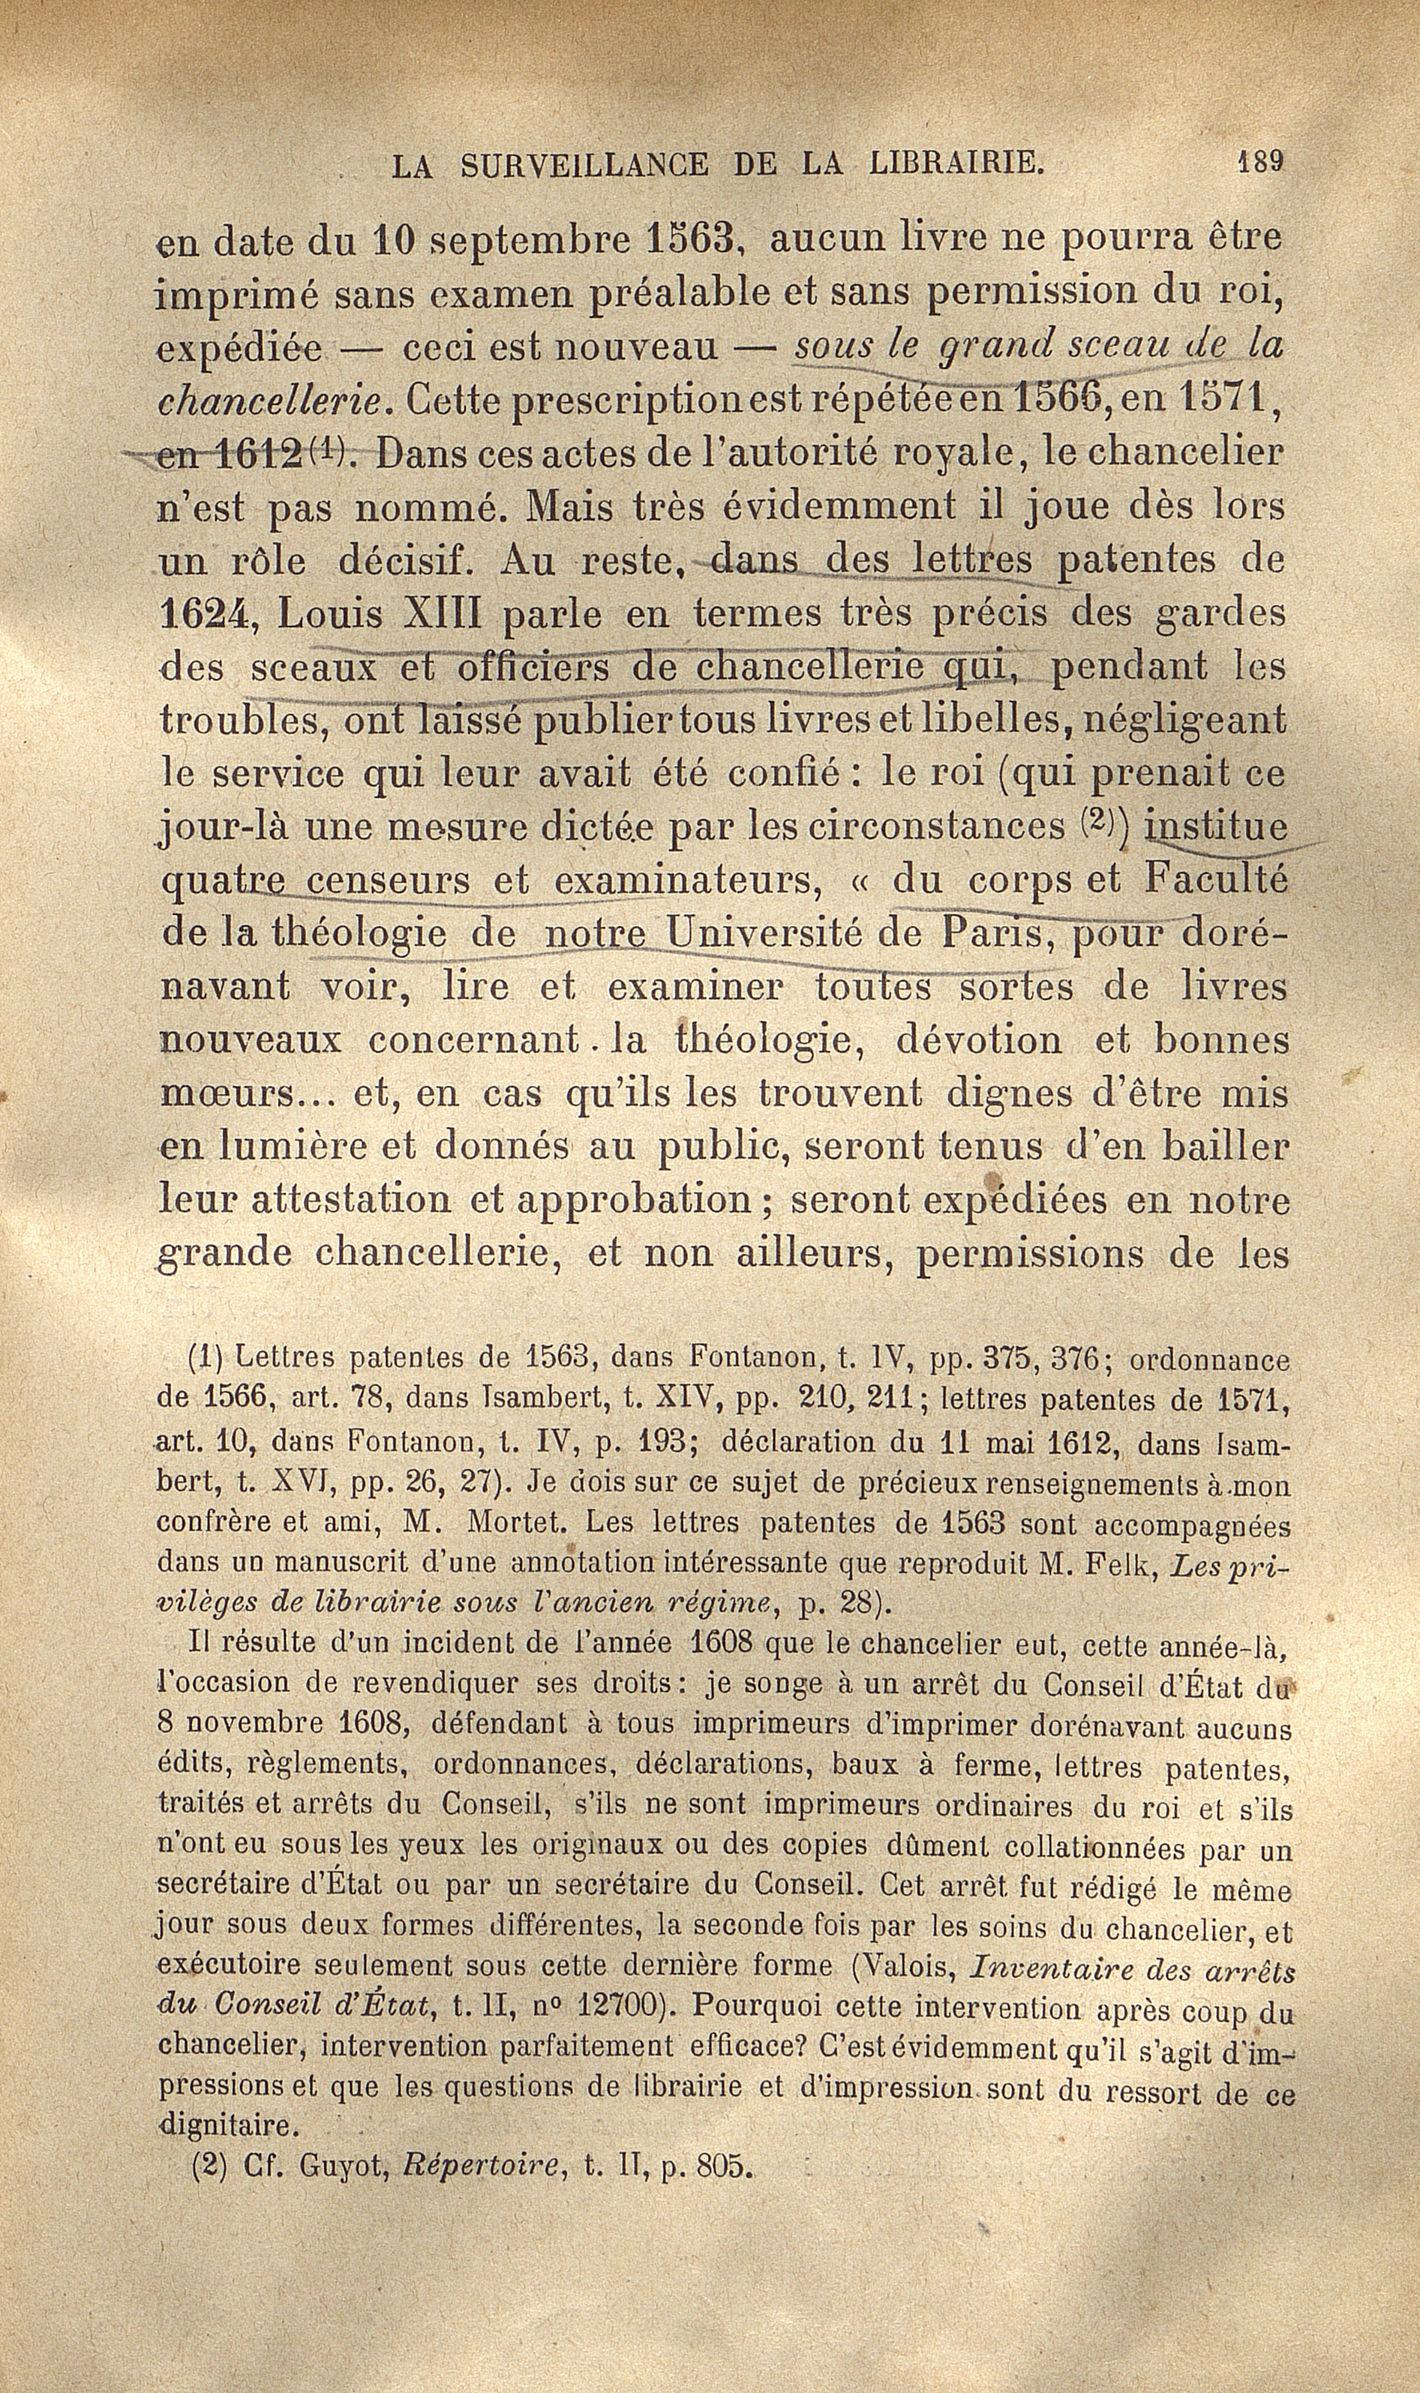 http://expo-paulviollet.univ-paris1.fr/wp-content/uploads/2016/02/0605381272_0203.jpg